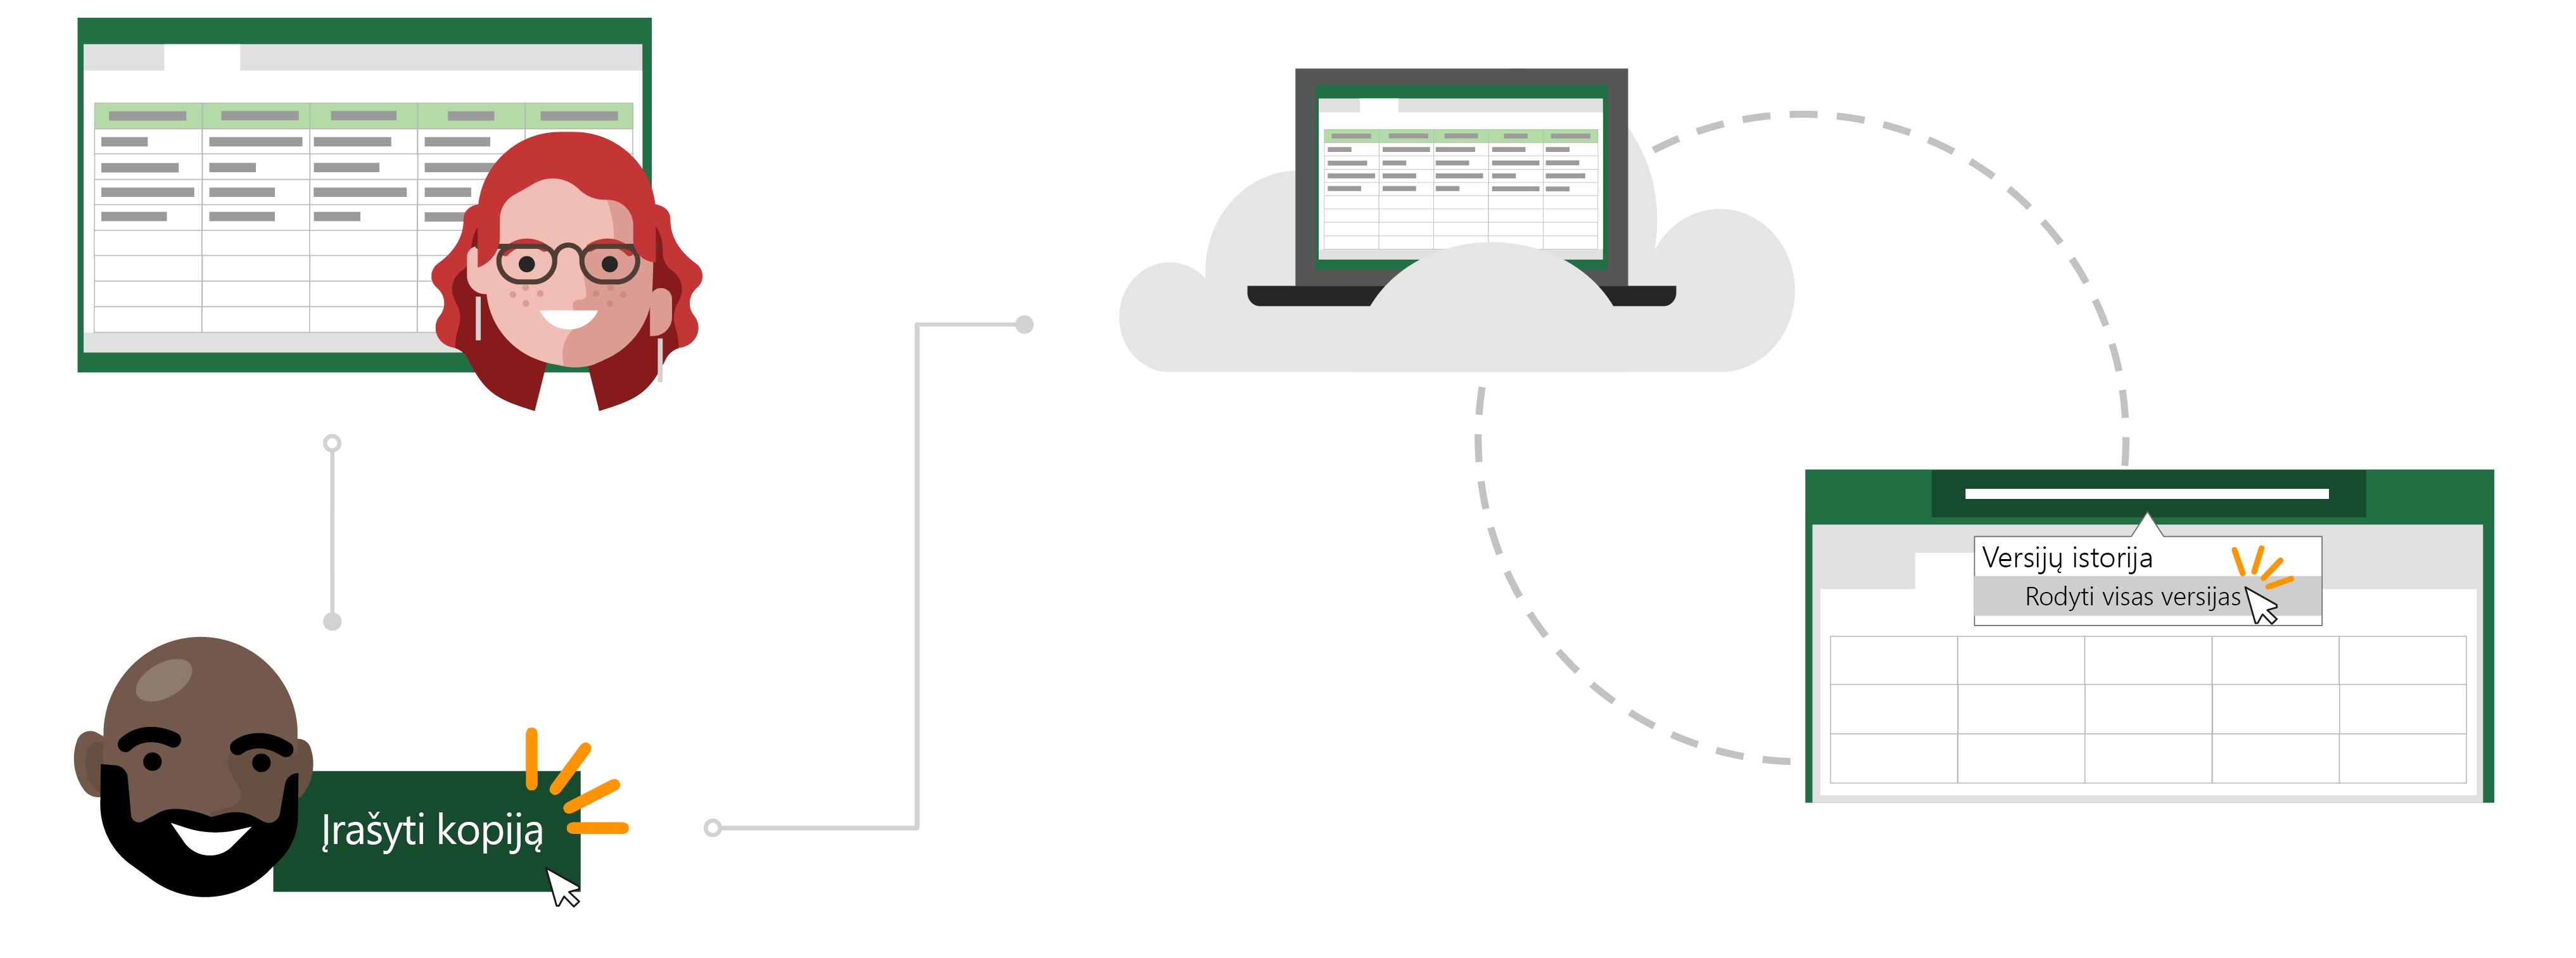 Naudokite esamą failą debesyje kaip naujo failo šabloną, naudodami įrašyti kopiją.